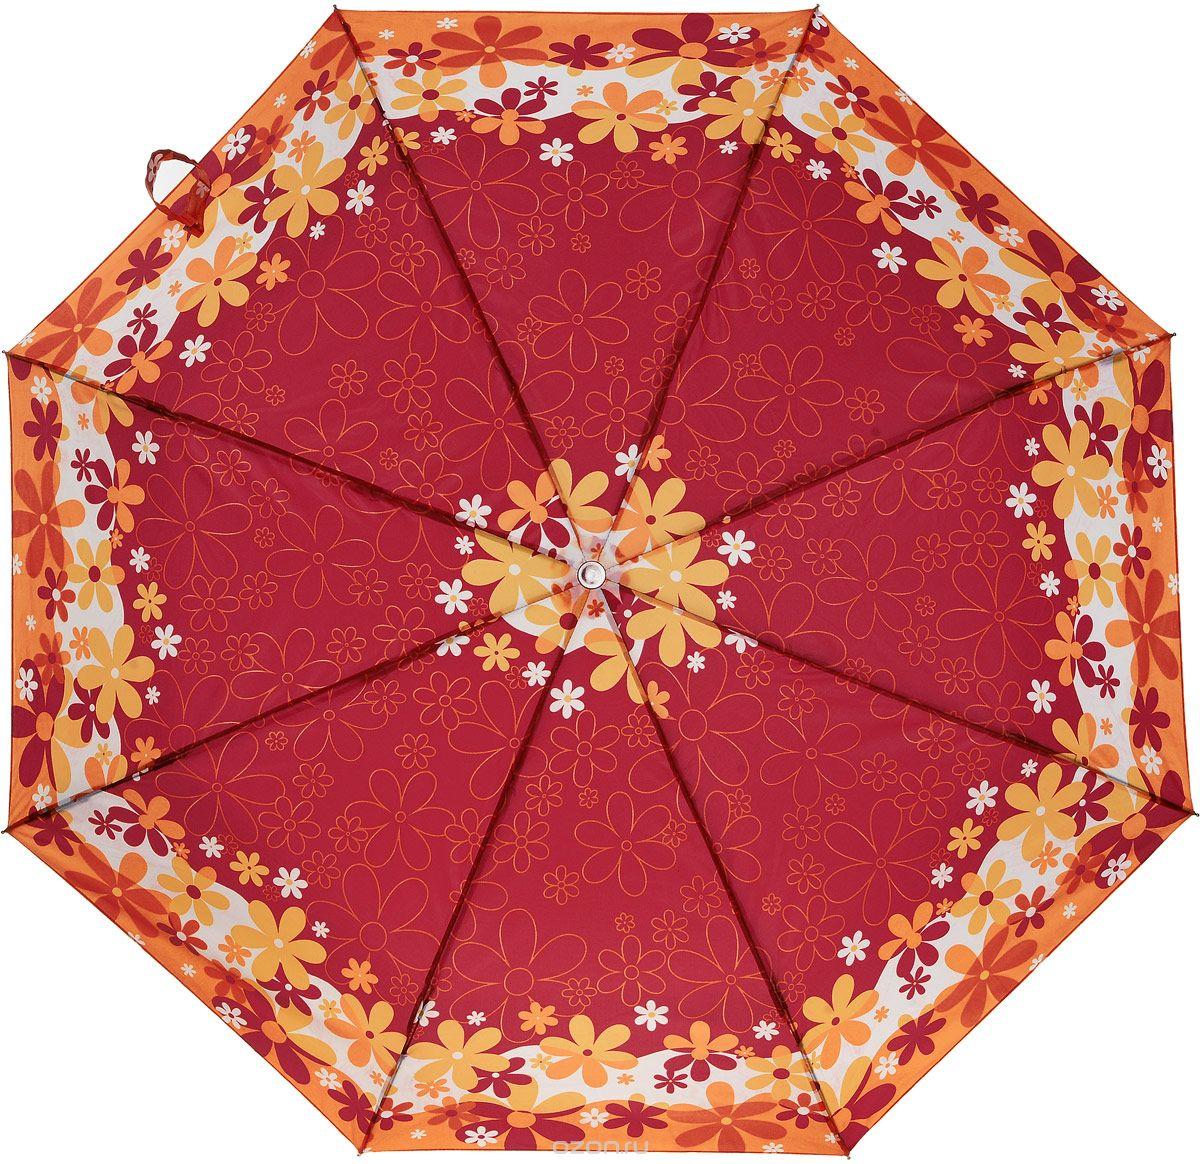 Зонт женский Prize, механический, 3 сложения, цвет: красный, оранжевый. 355-416